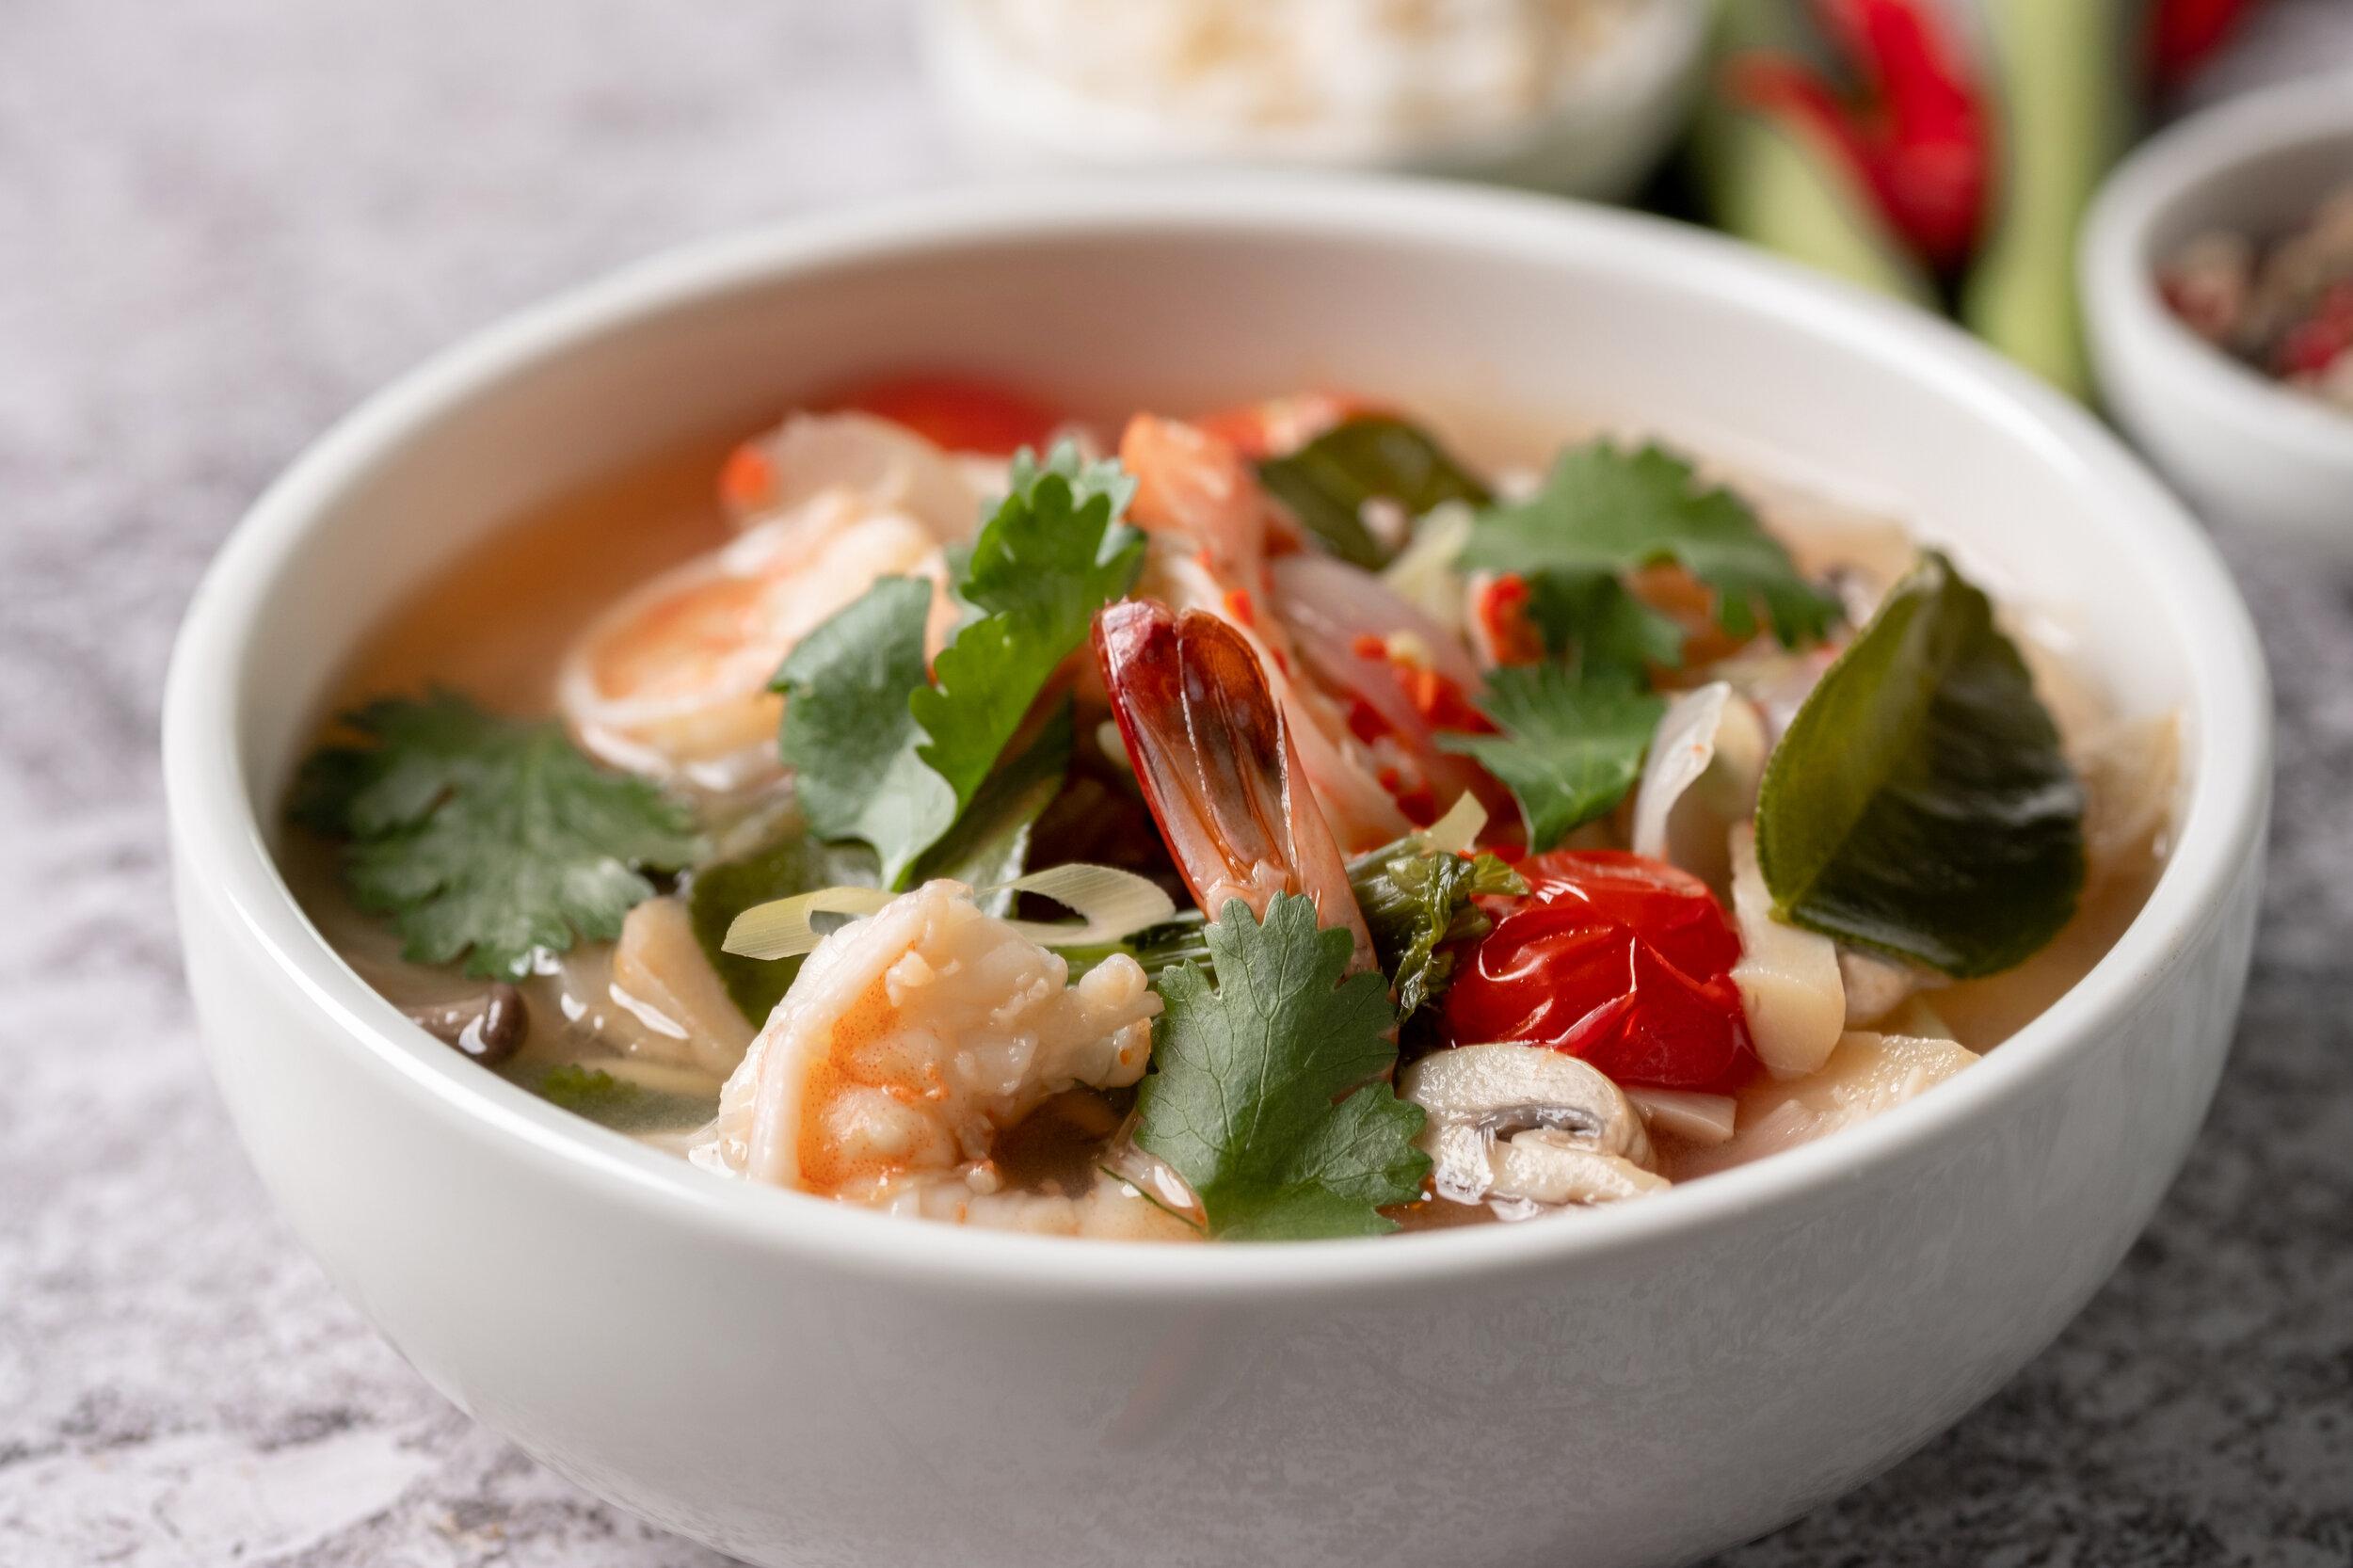 Tom Yam Prawn Soup, a signature Thai dish